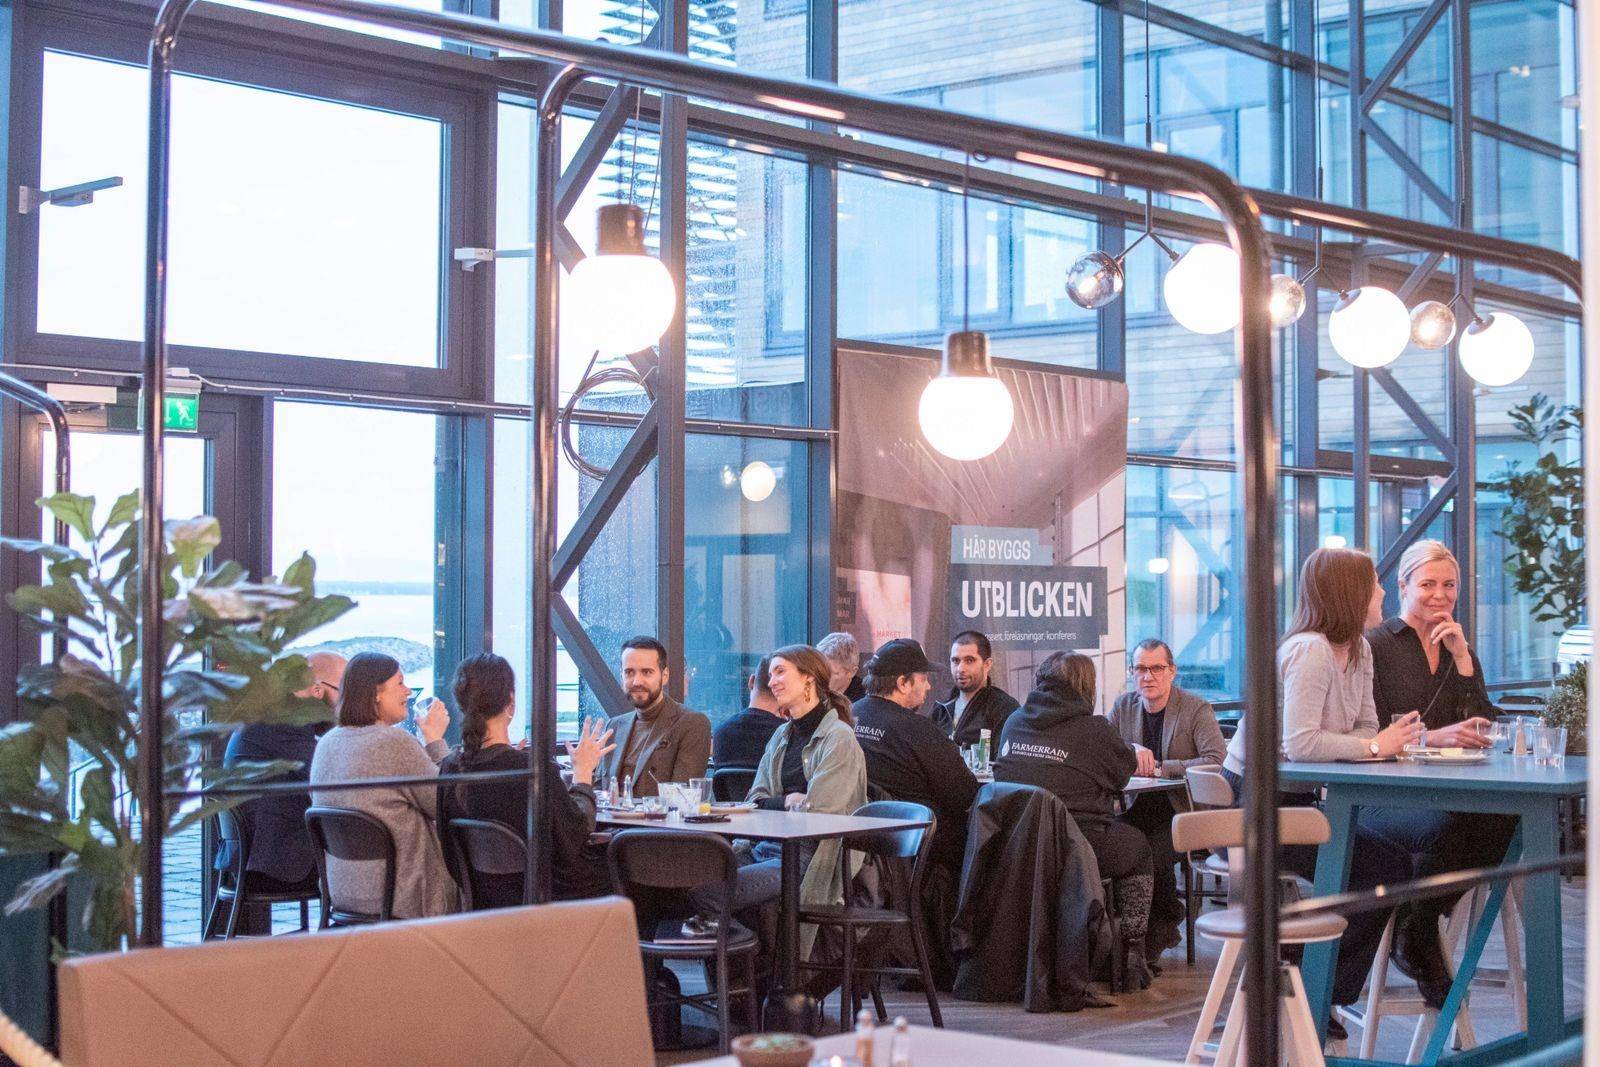 Kontorskollektivets lokaler ligger i nära anslutning till Jonas Mat & Event som dukade upp den frukostbuffé denna fredagsmorgon.